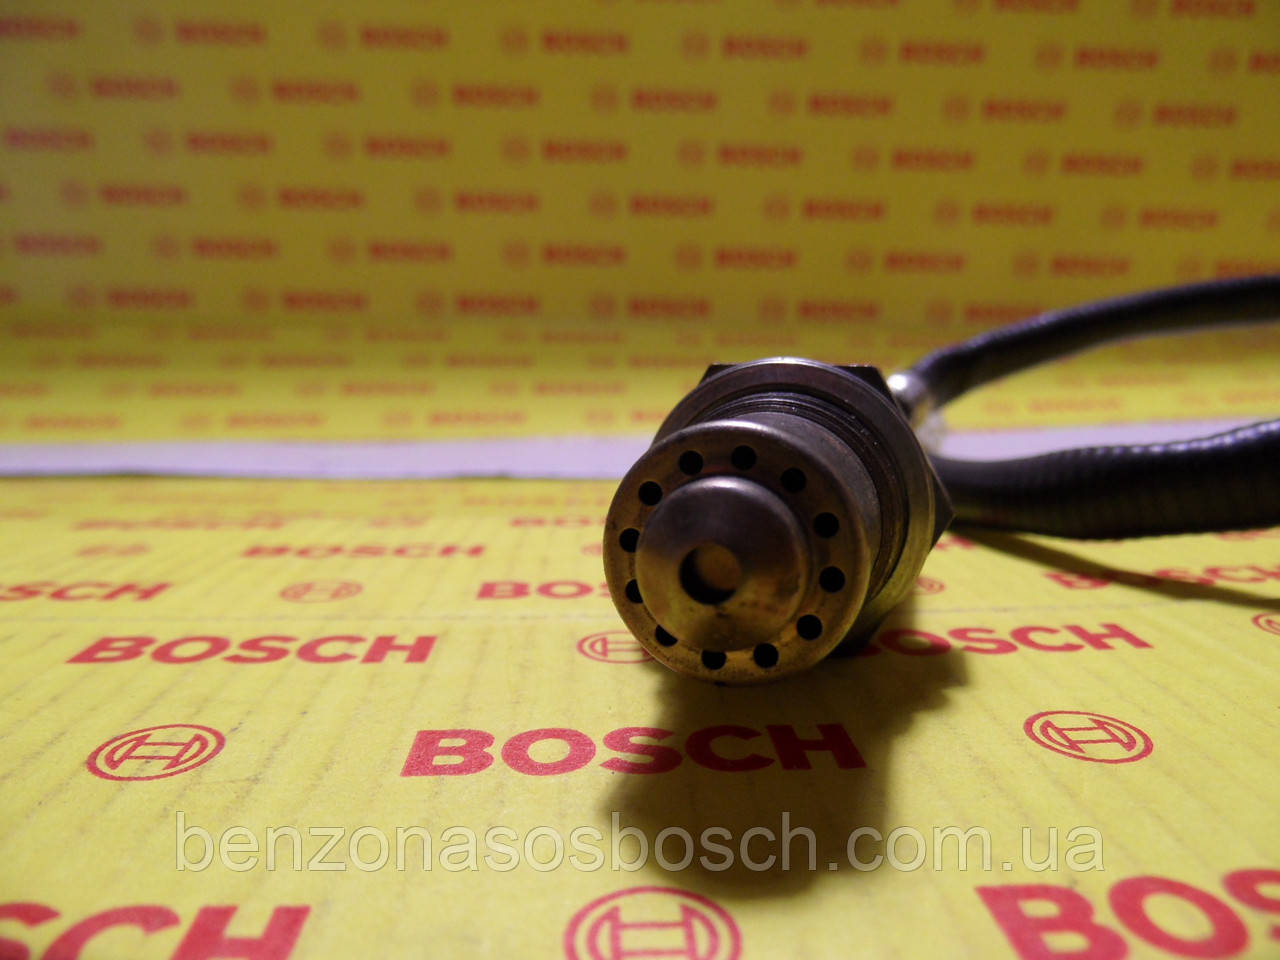 Лямбда-зонды Bosch, ОРИГИНАЛ MITSUBISHI,MR985039, 0258006566, 0 258 006 566,